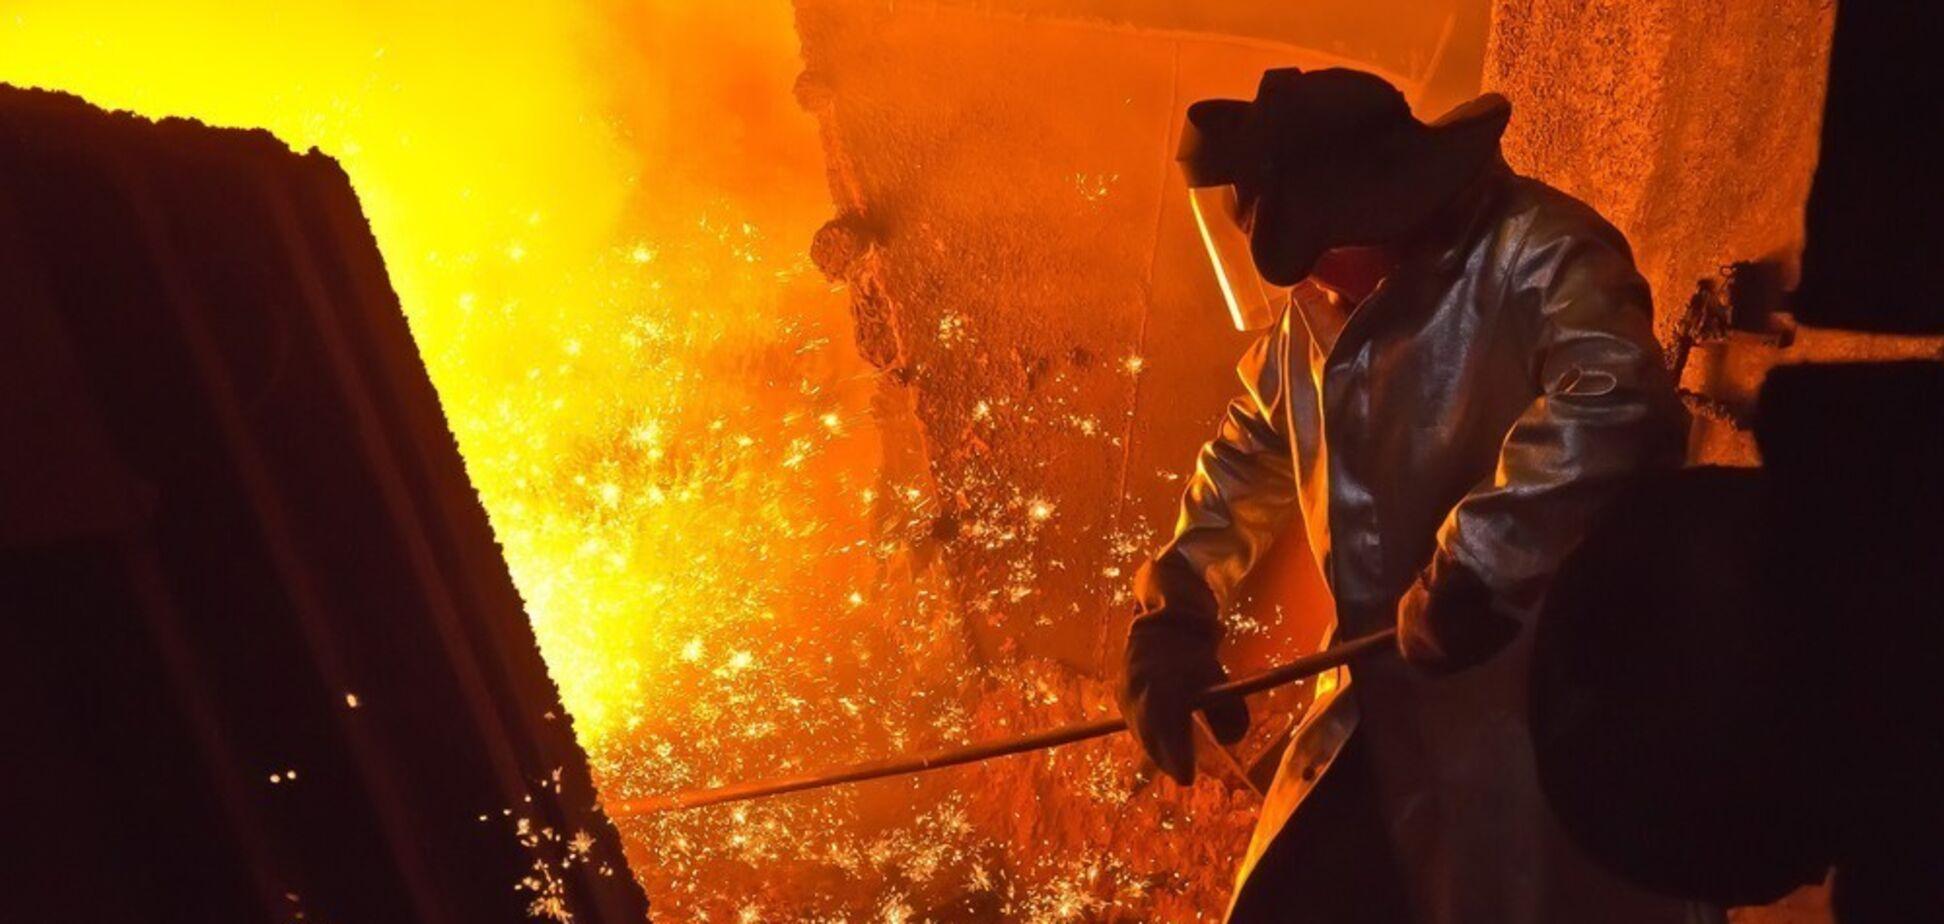 Благодаря металлургии могут развиваться еще 4-5 отраслей экономики Украины, – эксперт